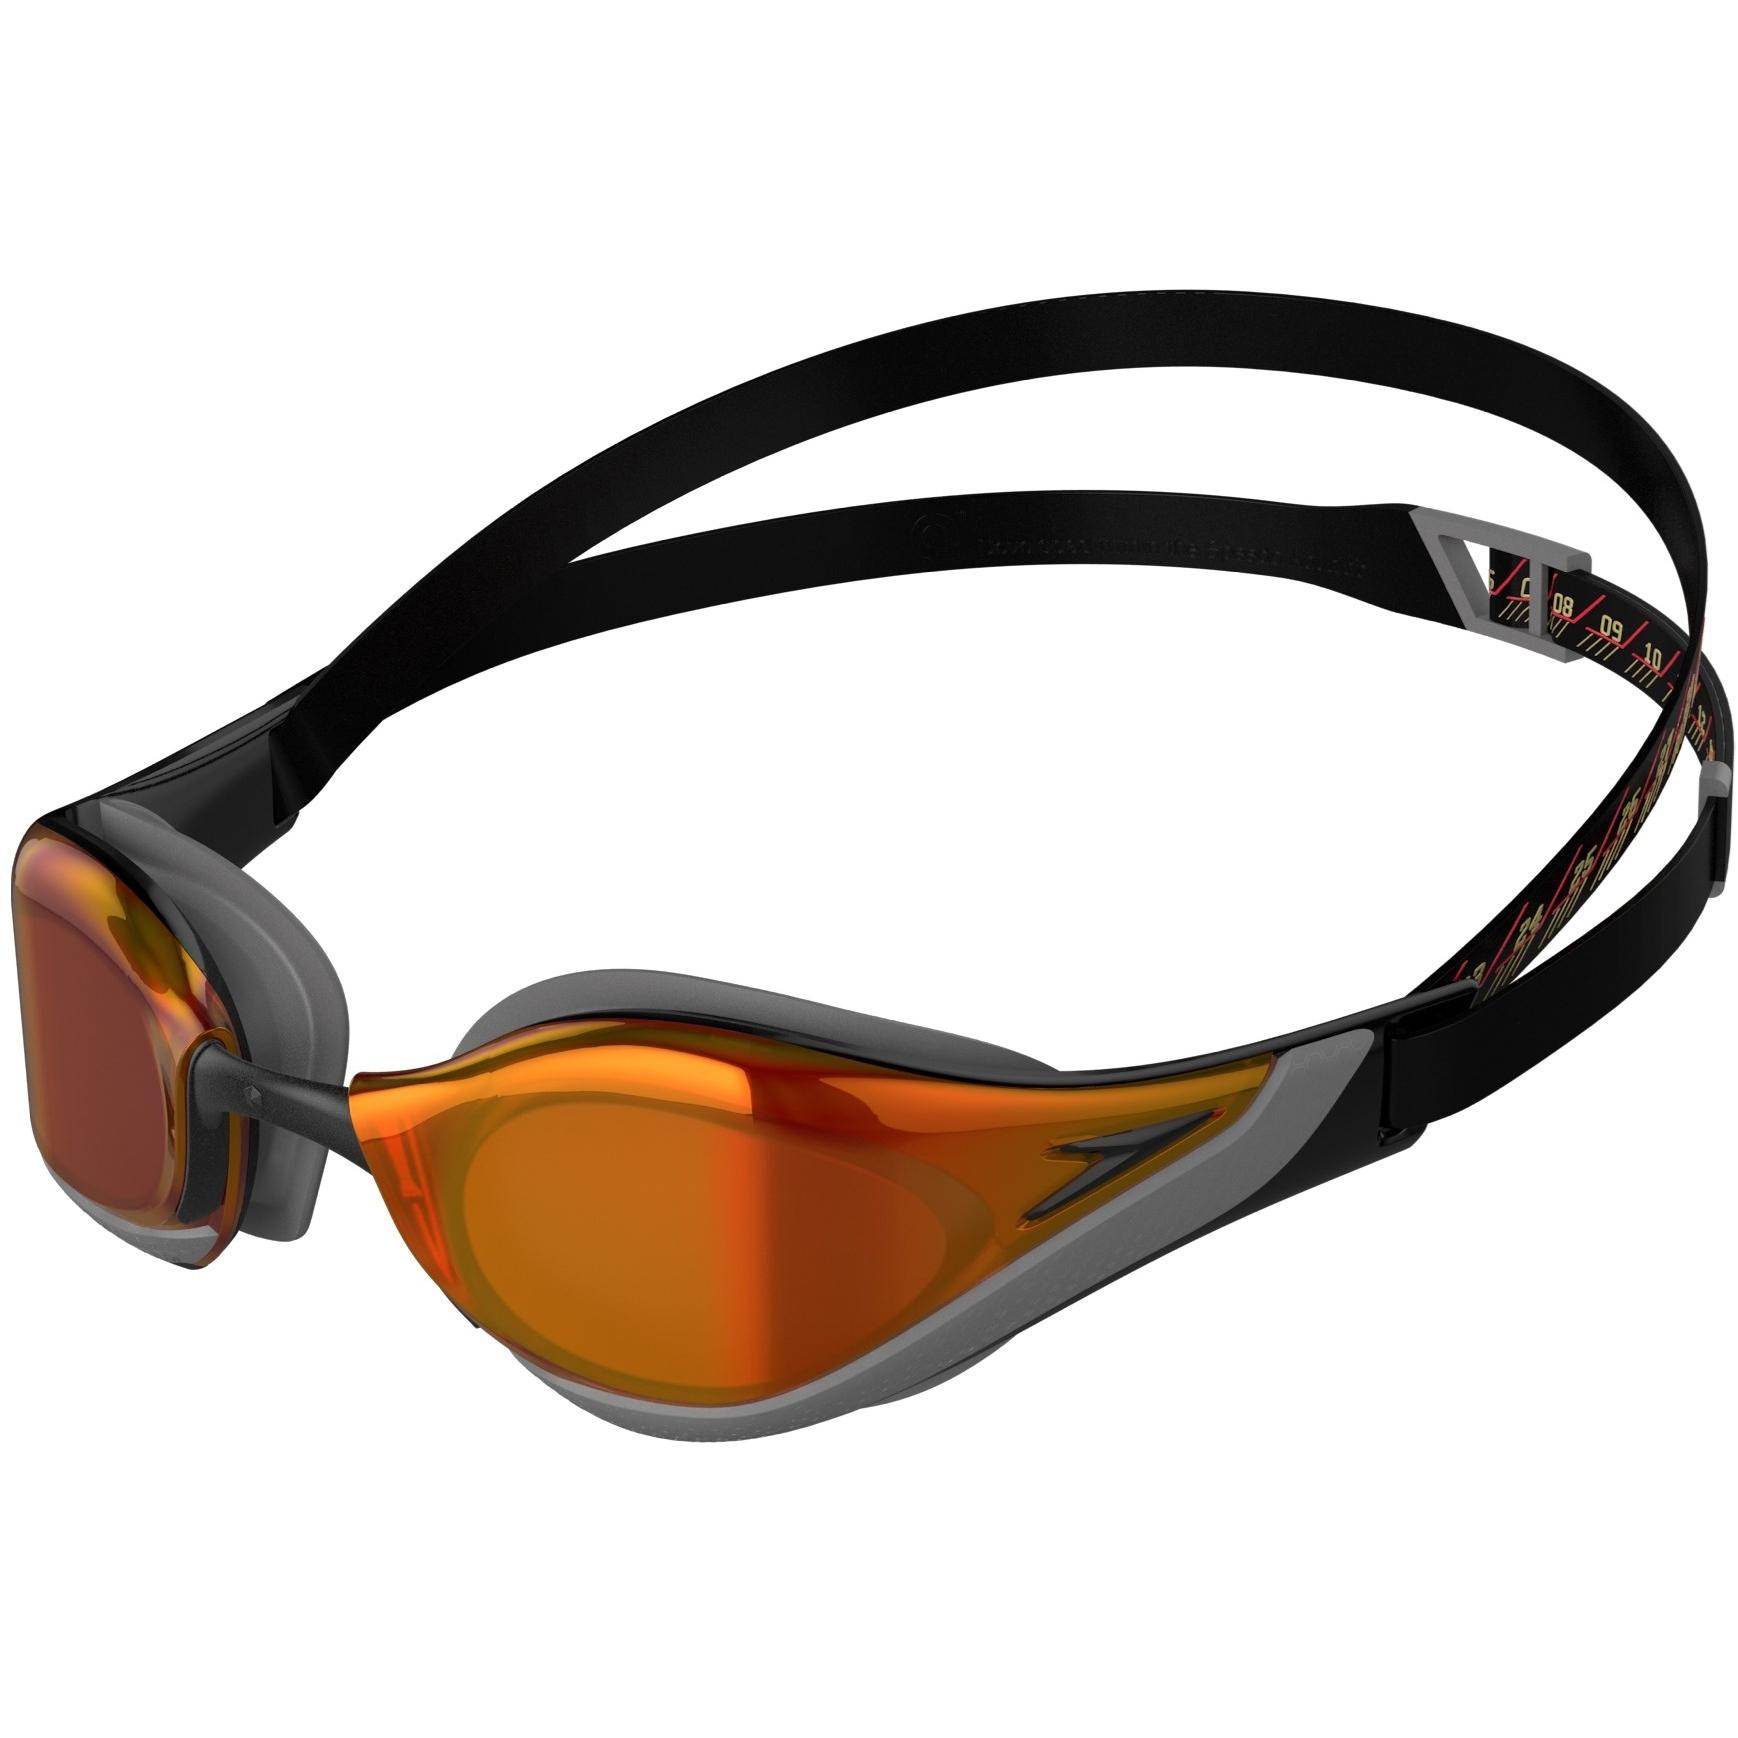 Produktbild von Speedo Fastskin Pure Focus Mirror Schwimmbrille - black/orangegold